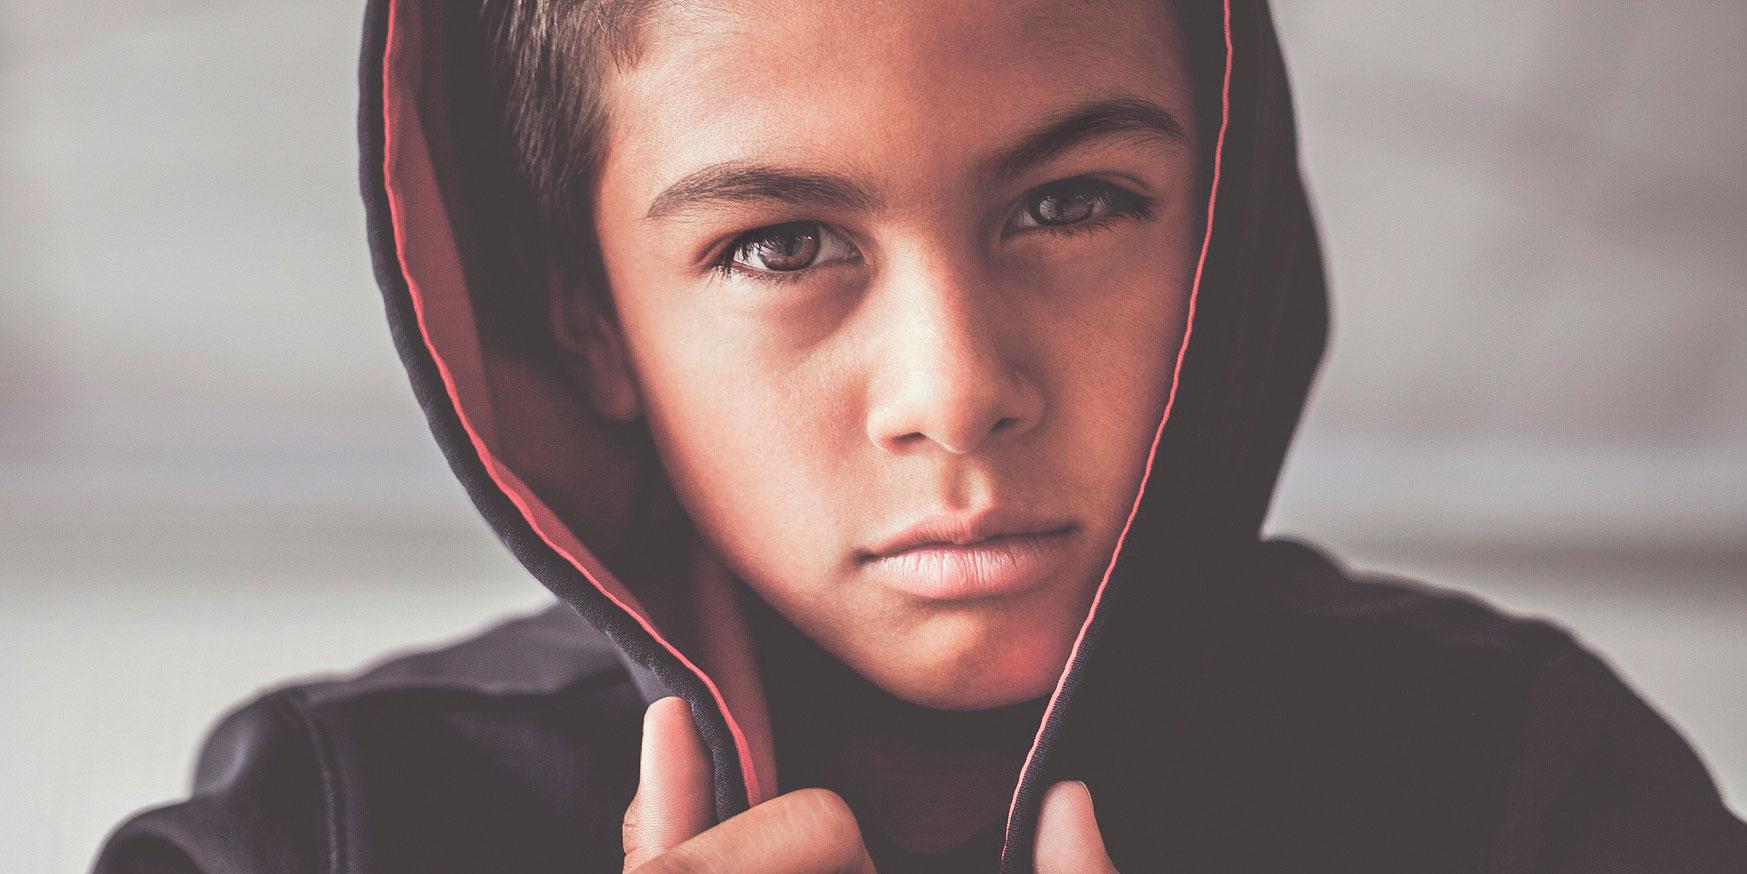 La conducta agresiva en la adolescencia